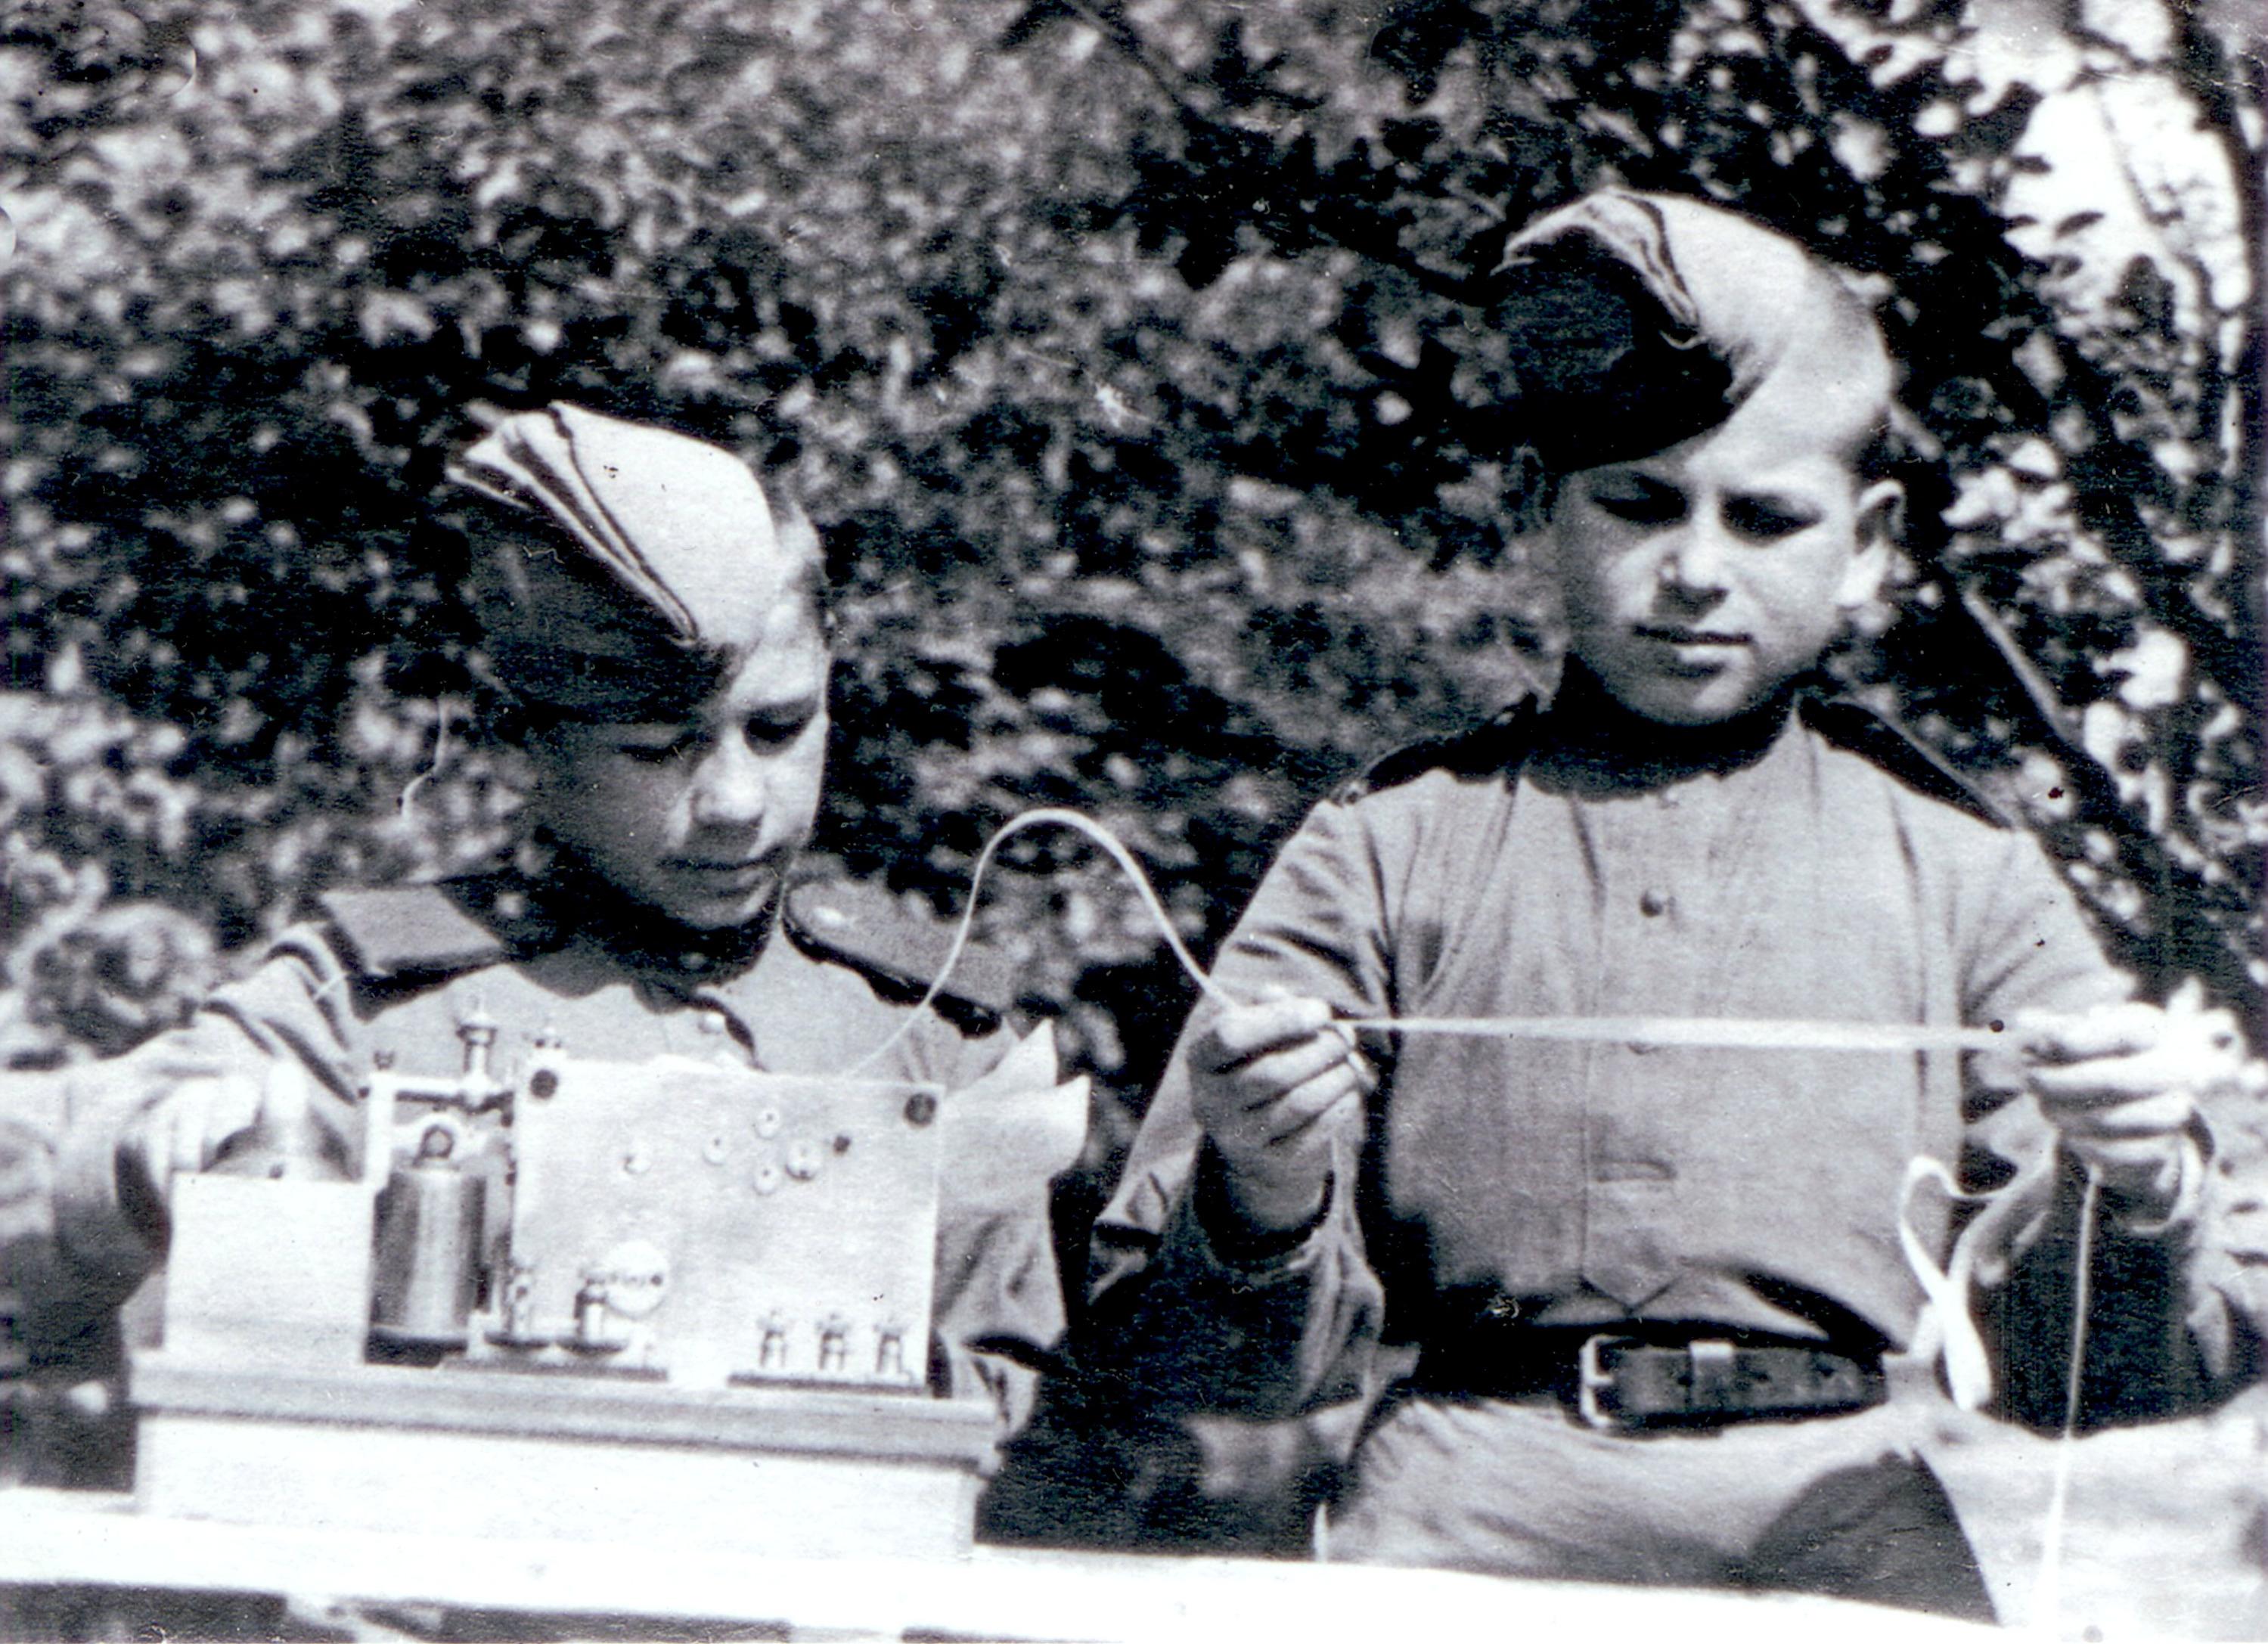 """Сыны полка Коля Жигачёв и Саша Лобанов работают на аппарате Морзе, <a href=""""https://www.e1.ru/news/spool/news_id-52967101.html"""" target=""""_blank"""" class=""""_"""">лето 1944 года</a>"""